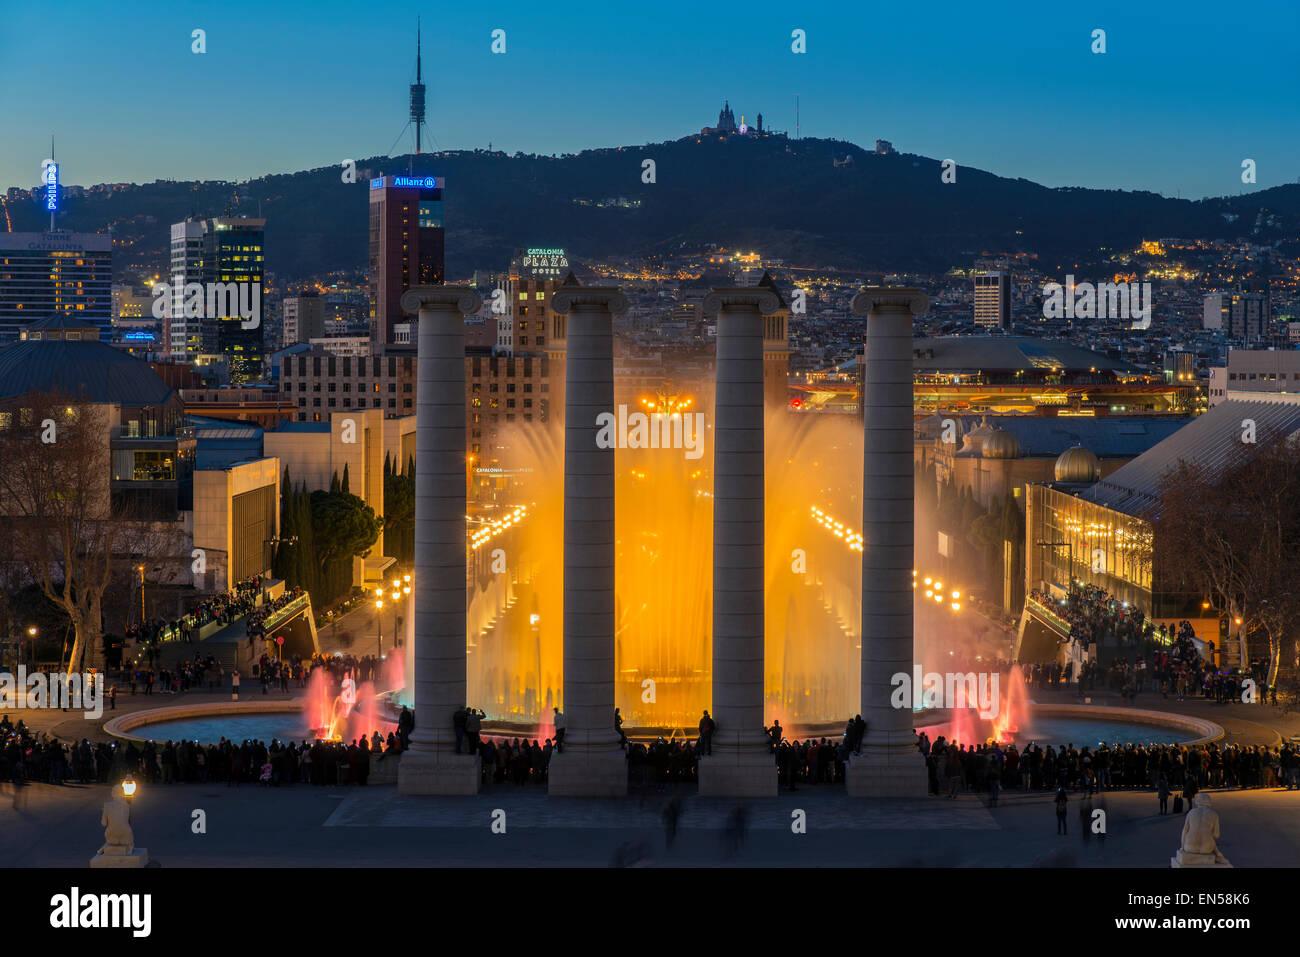 Nacht-Licht-Show am magischen Brunnen oder Font Magica befindet sich in Montjuic, Barcelona, Katalonien, Spanien Stockbild